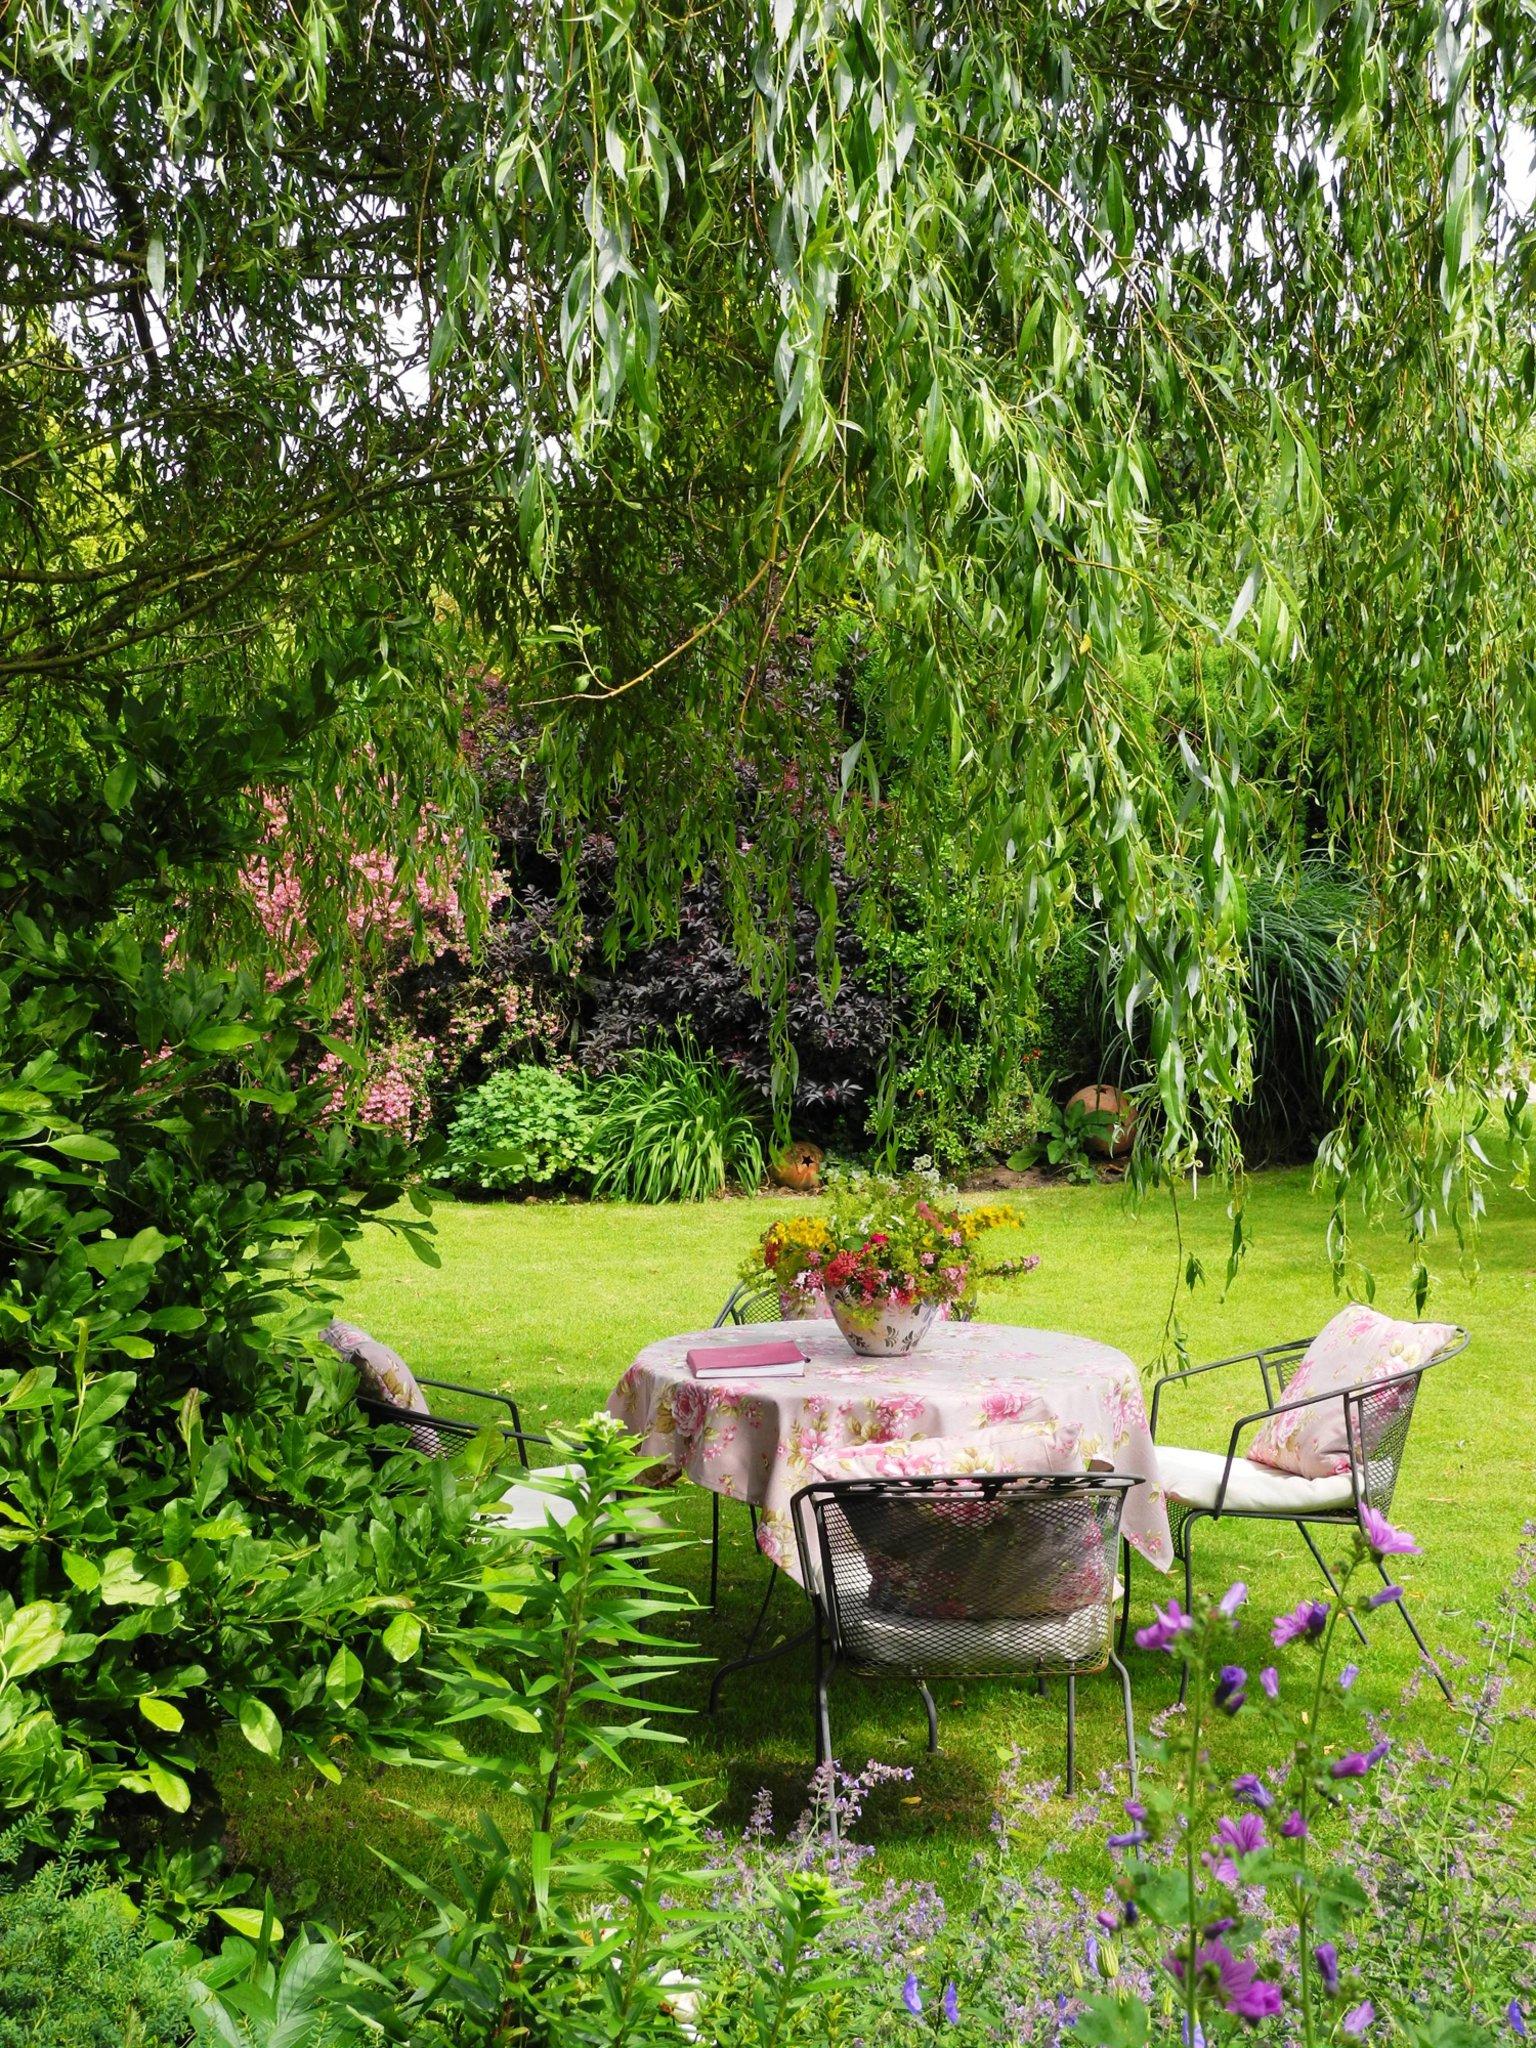 Private Gärten im Kleverland im Mai geöffnet - Kleve